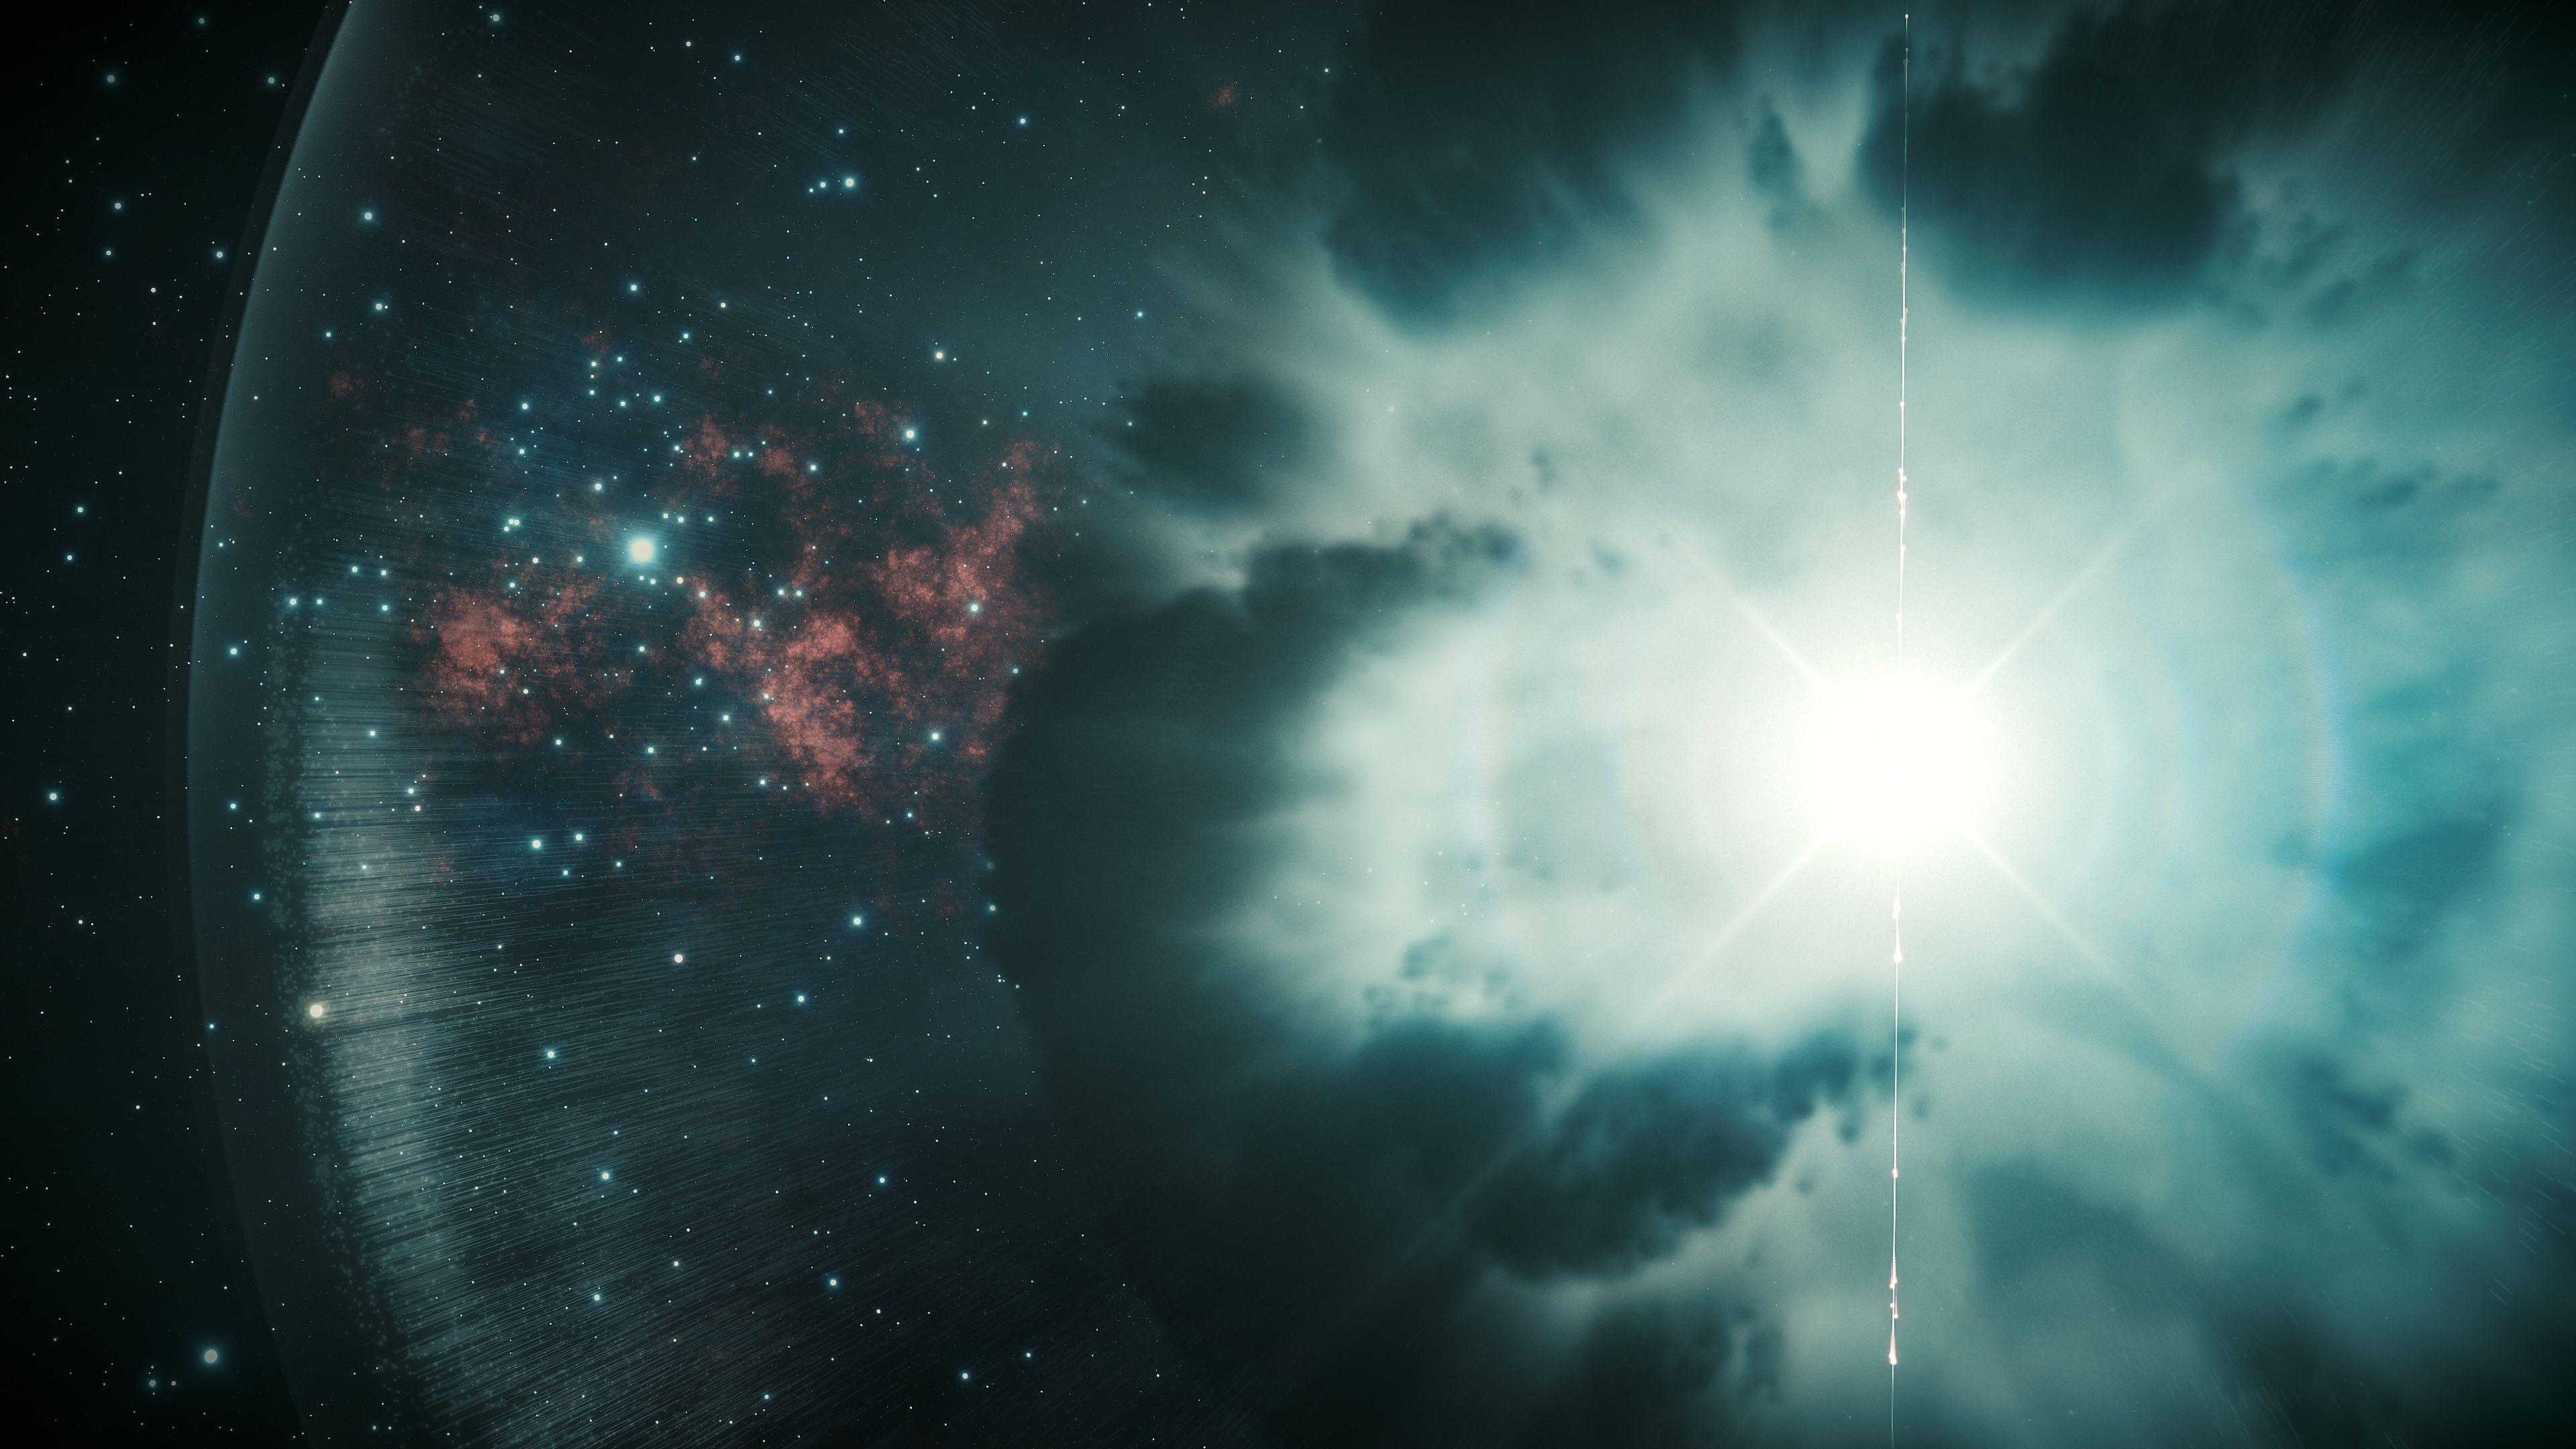 観測史上最も強力なガンマ線バースト、発生源は45億光年彼方